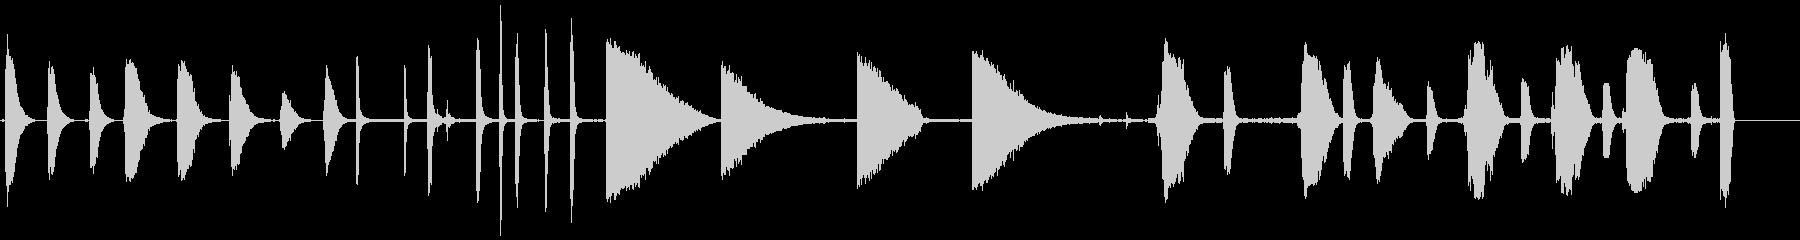 産業用エアブラストの未再生の波形